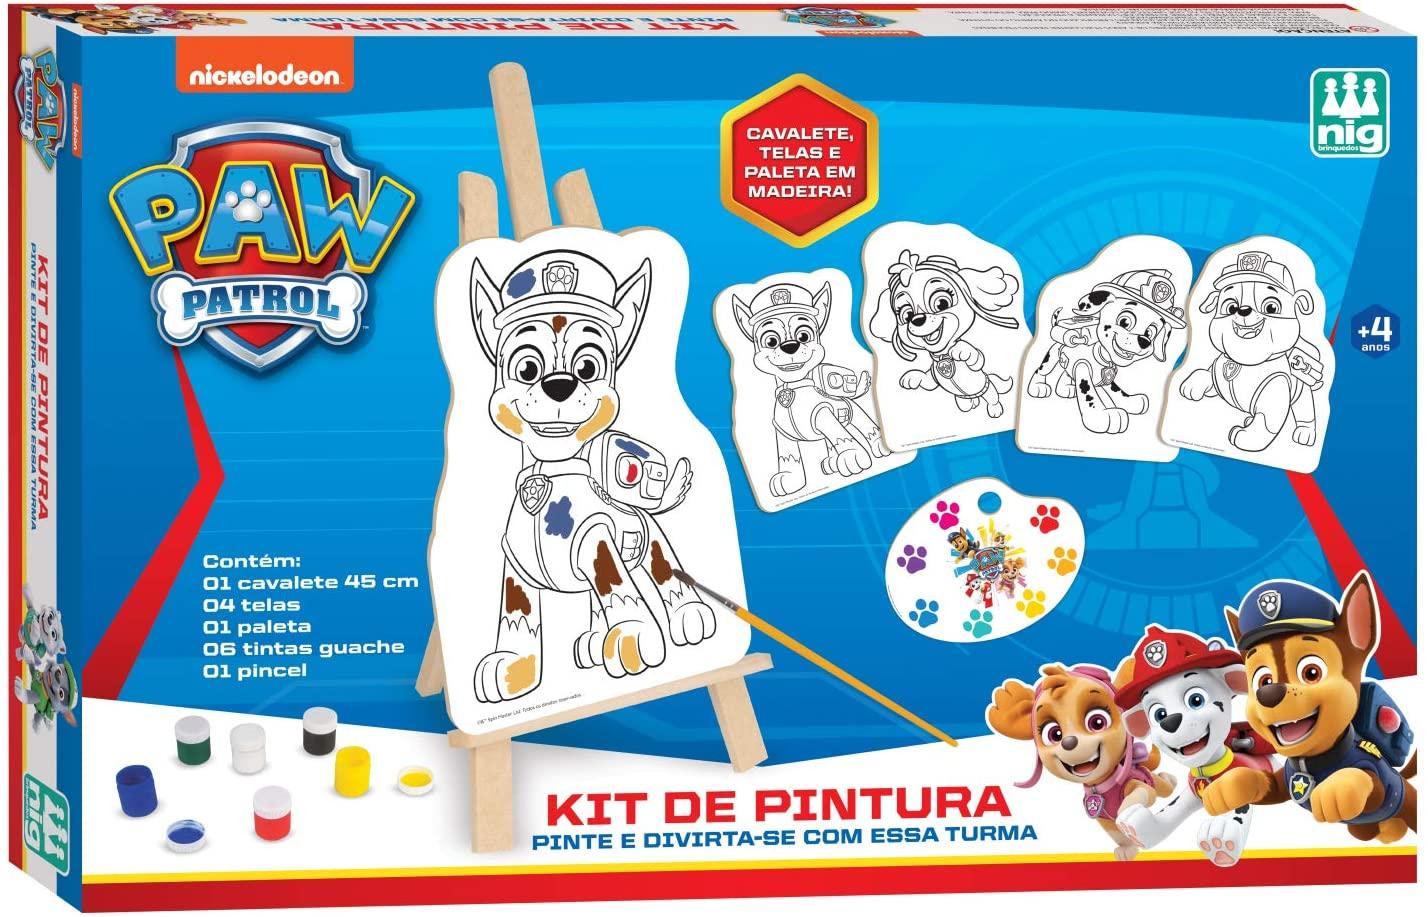 Kit de Pintura Patrulha Canina Em Madeira - Nig Brinquedos